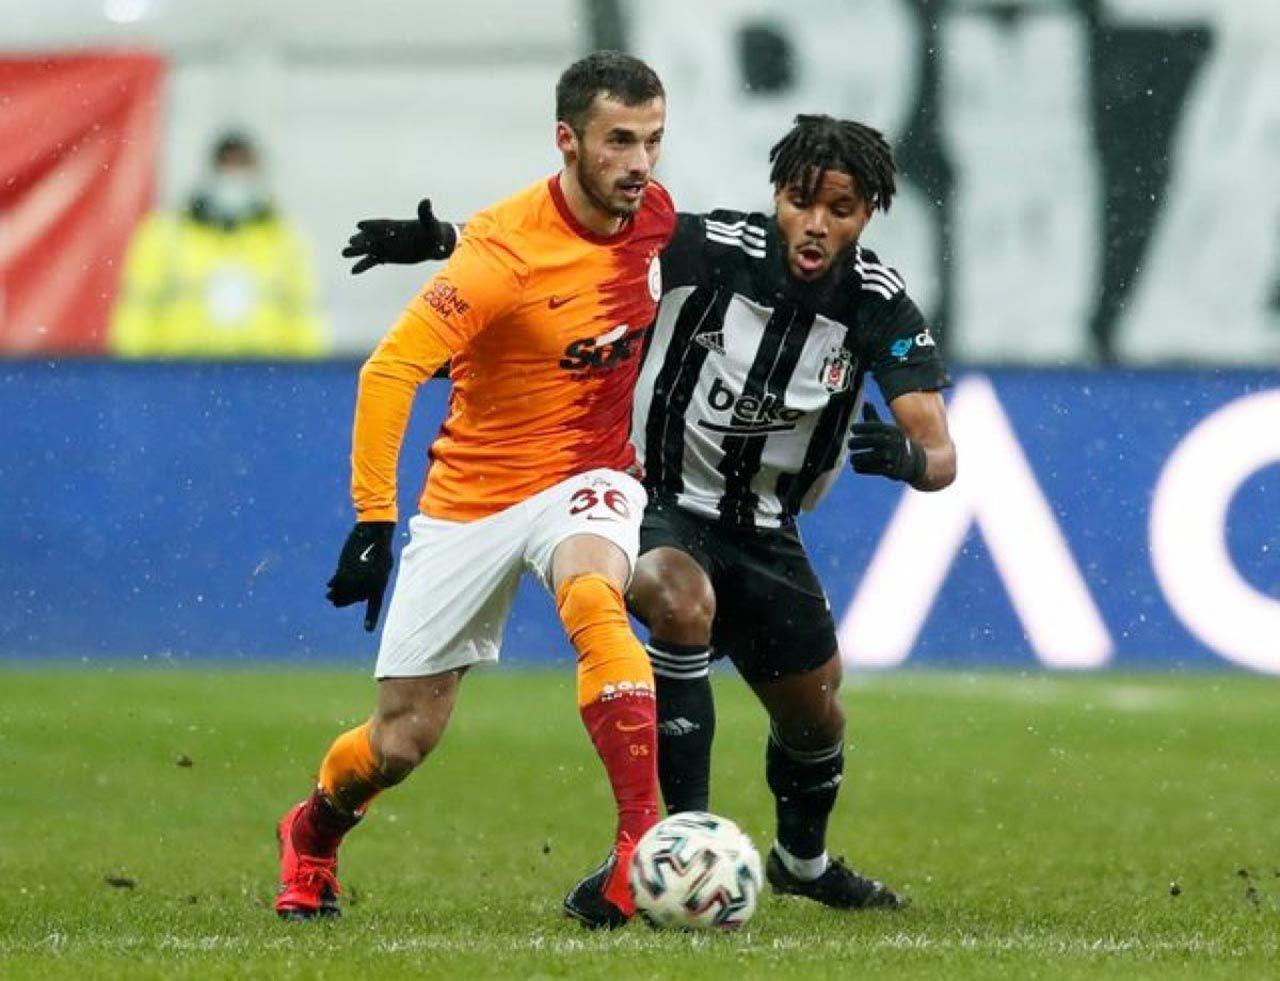 Galatasaray'ın şutu taca, Beşiktaş'ın şutu 90'a gitti - Resim: 3